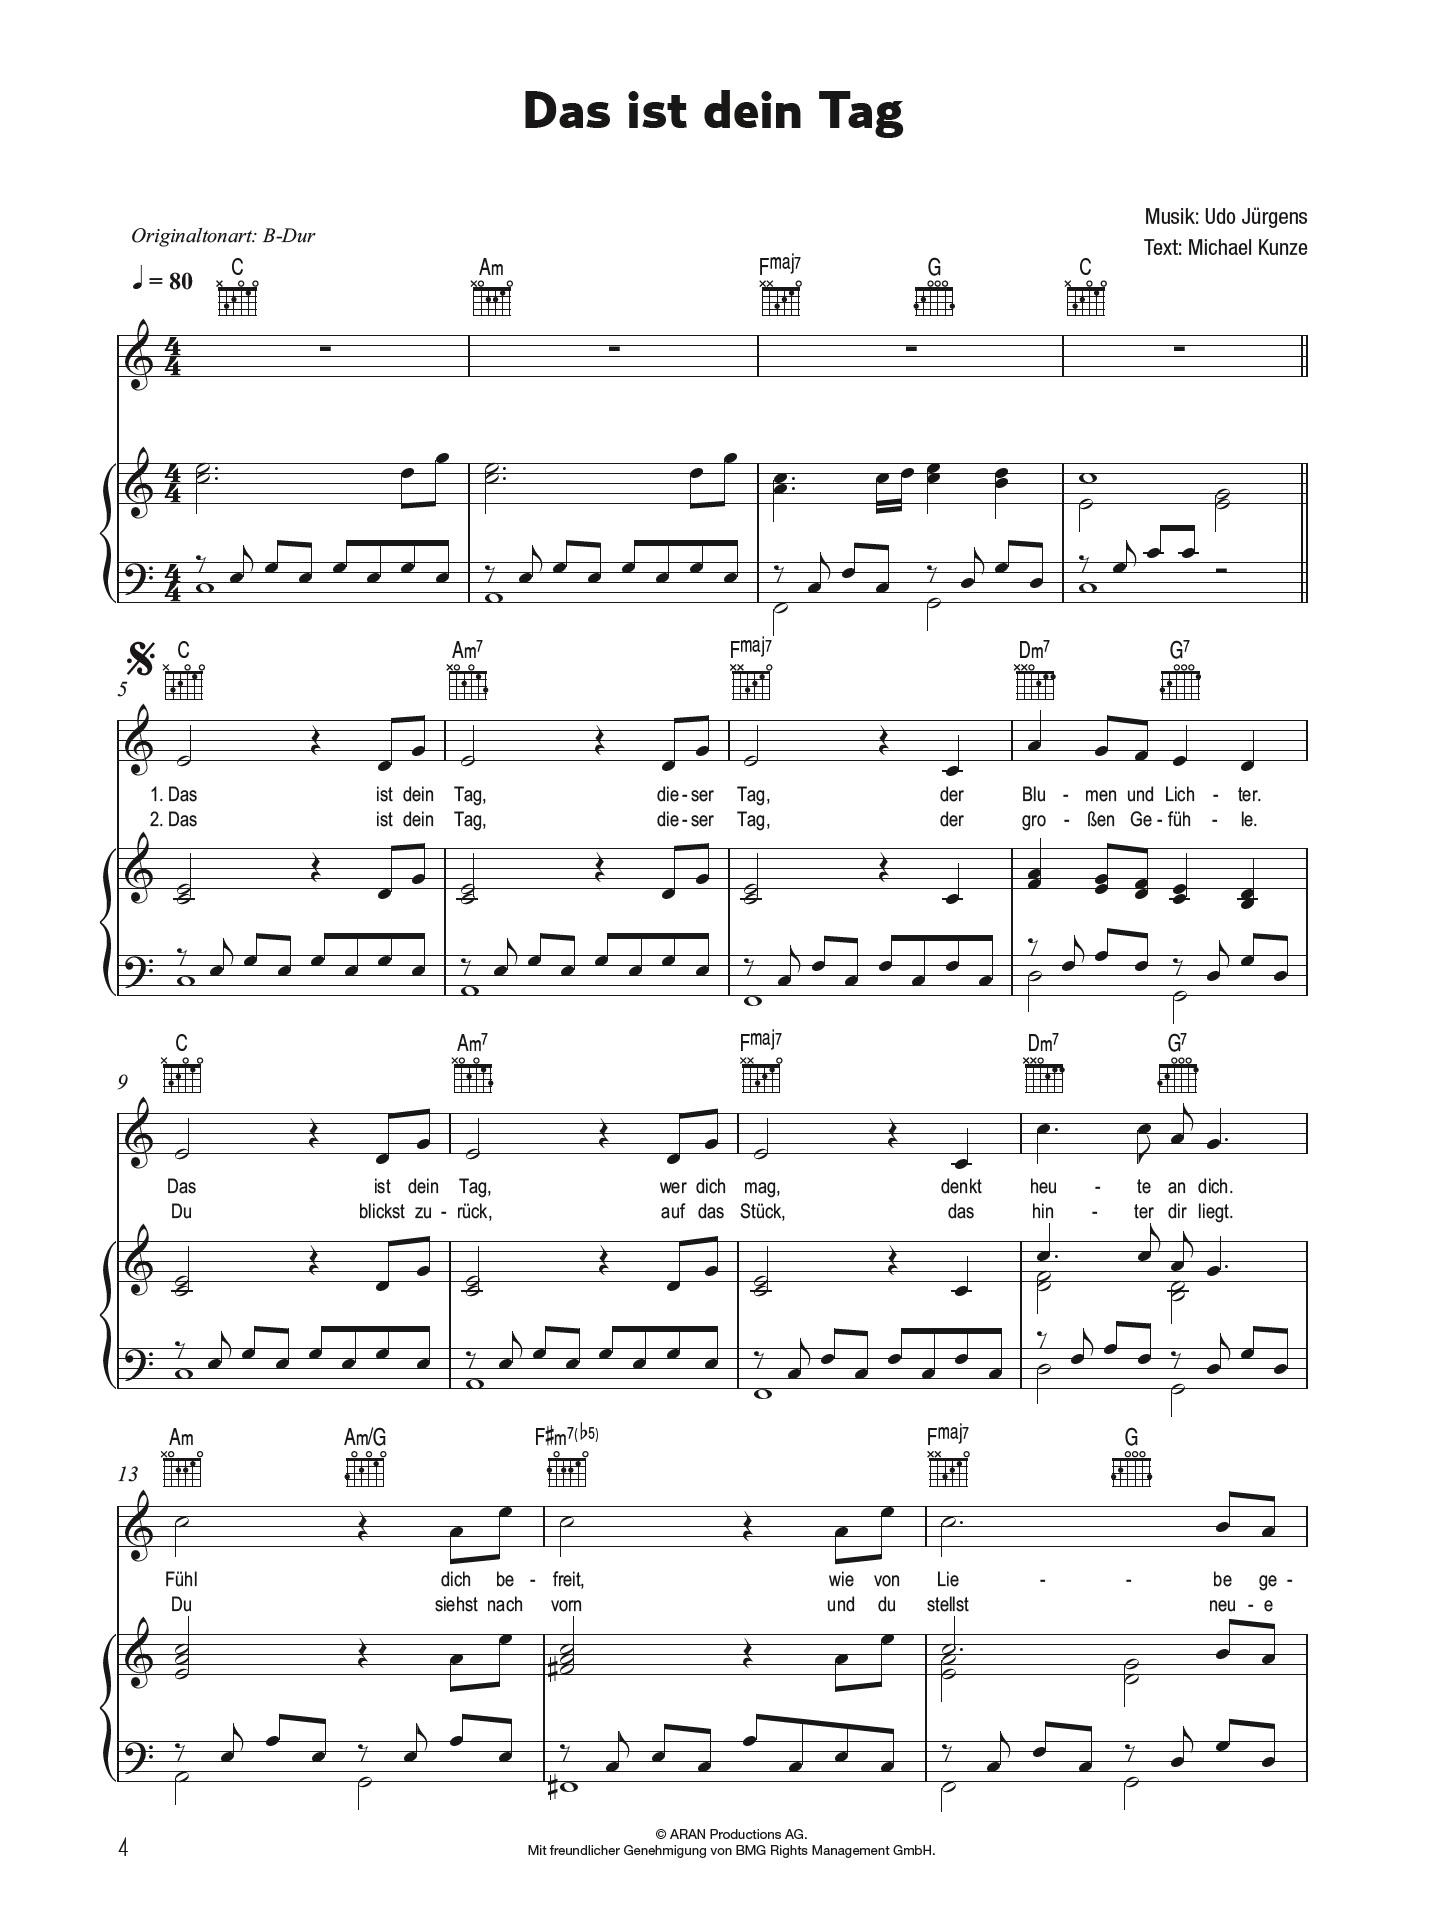 Seine größten Erfolge für Klavier Udo Jürgens Songbook Gesang und Gitarre